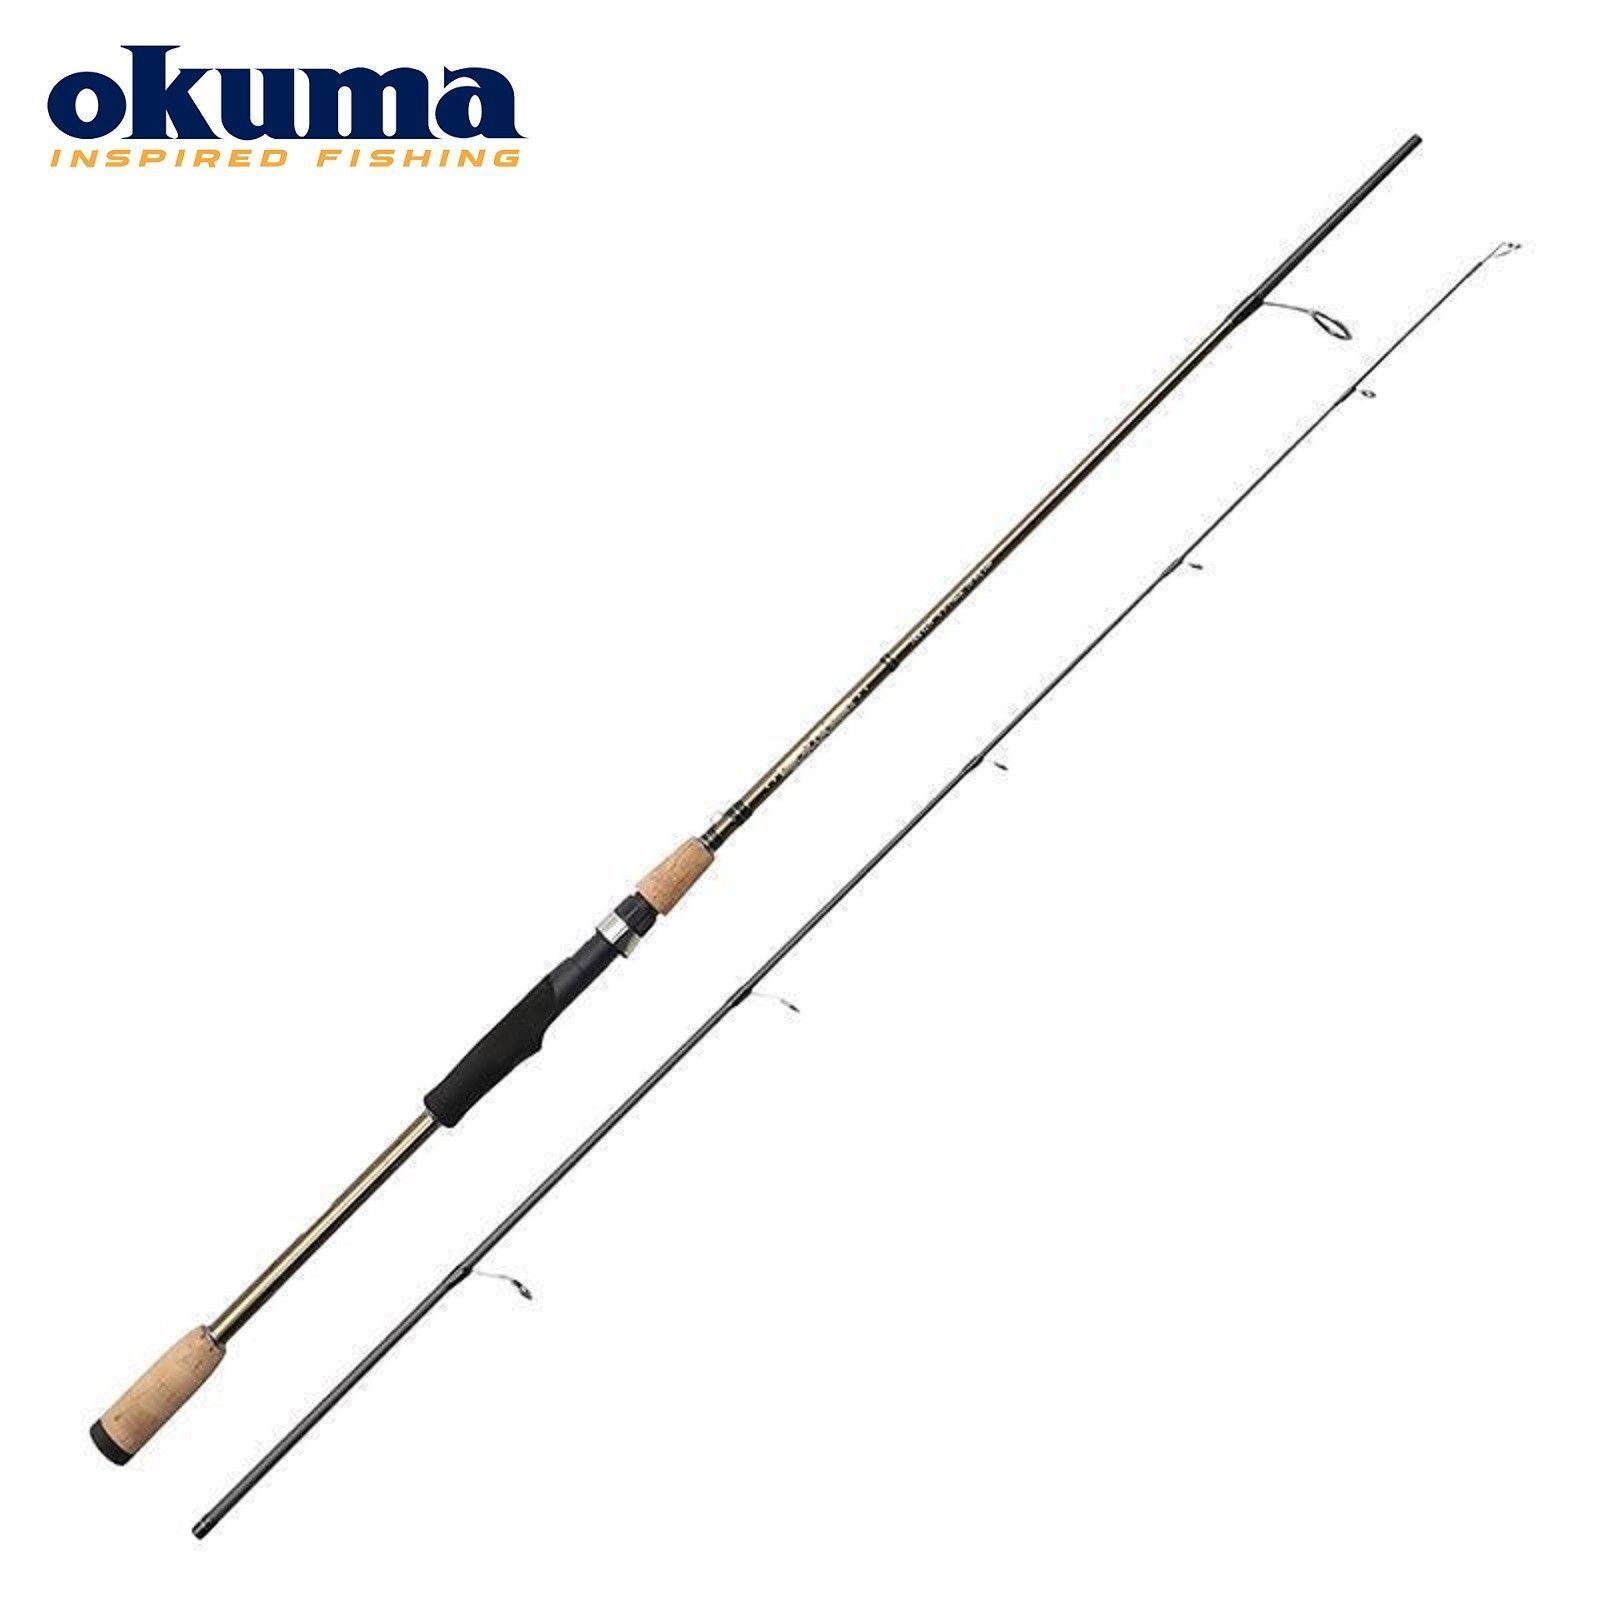 OKUMA Dead Ringer Fishing Spinning Rod  2.10m - 3.03m Various Größes